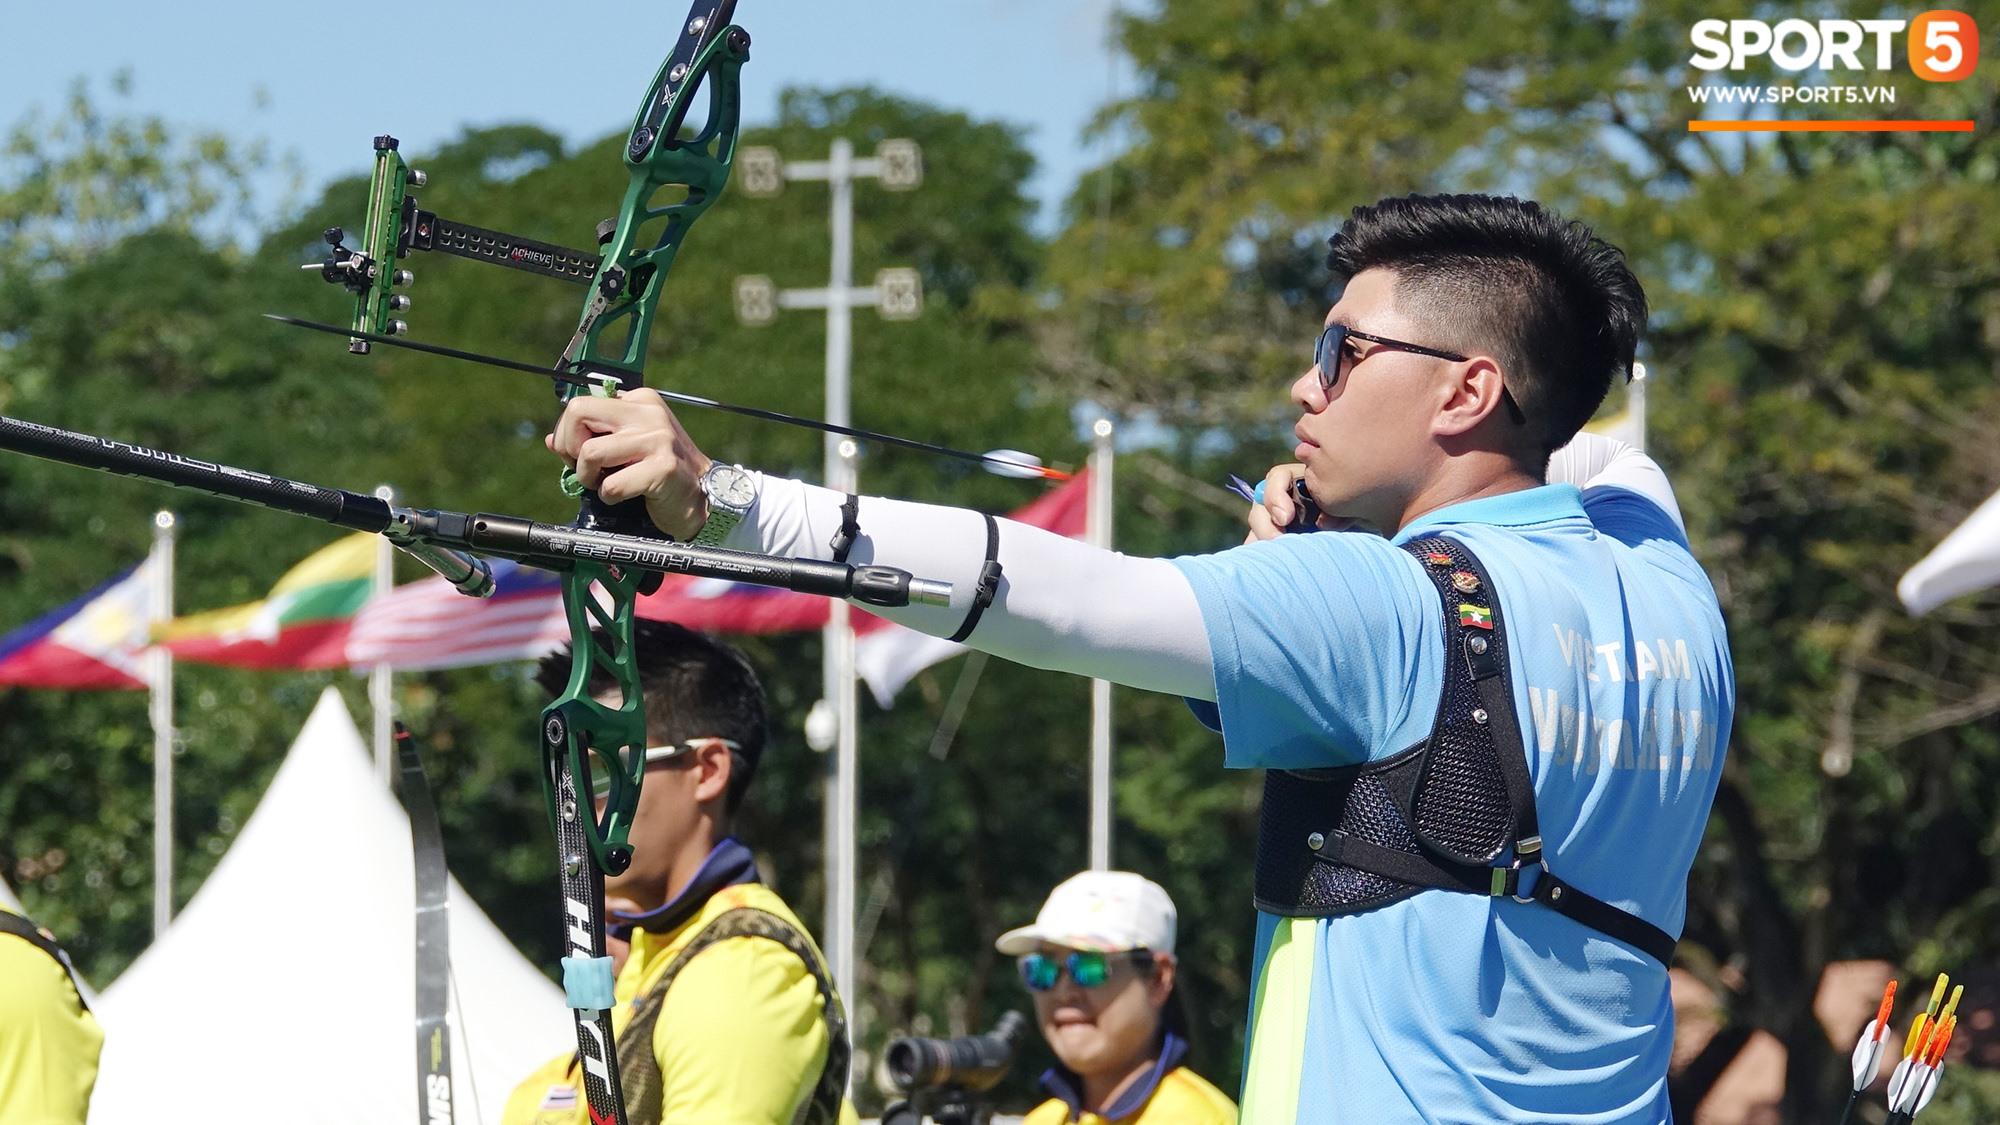 SEA Games ngày 8/12: Nữ hoàng điền kinh Tú Chinh vượt 2 VĐV nhập tịch trong tích tắc, xuất sắc giành HCV chung cuộc - Ảnh 39.